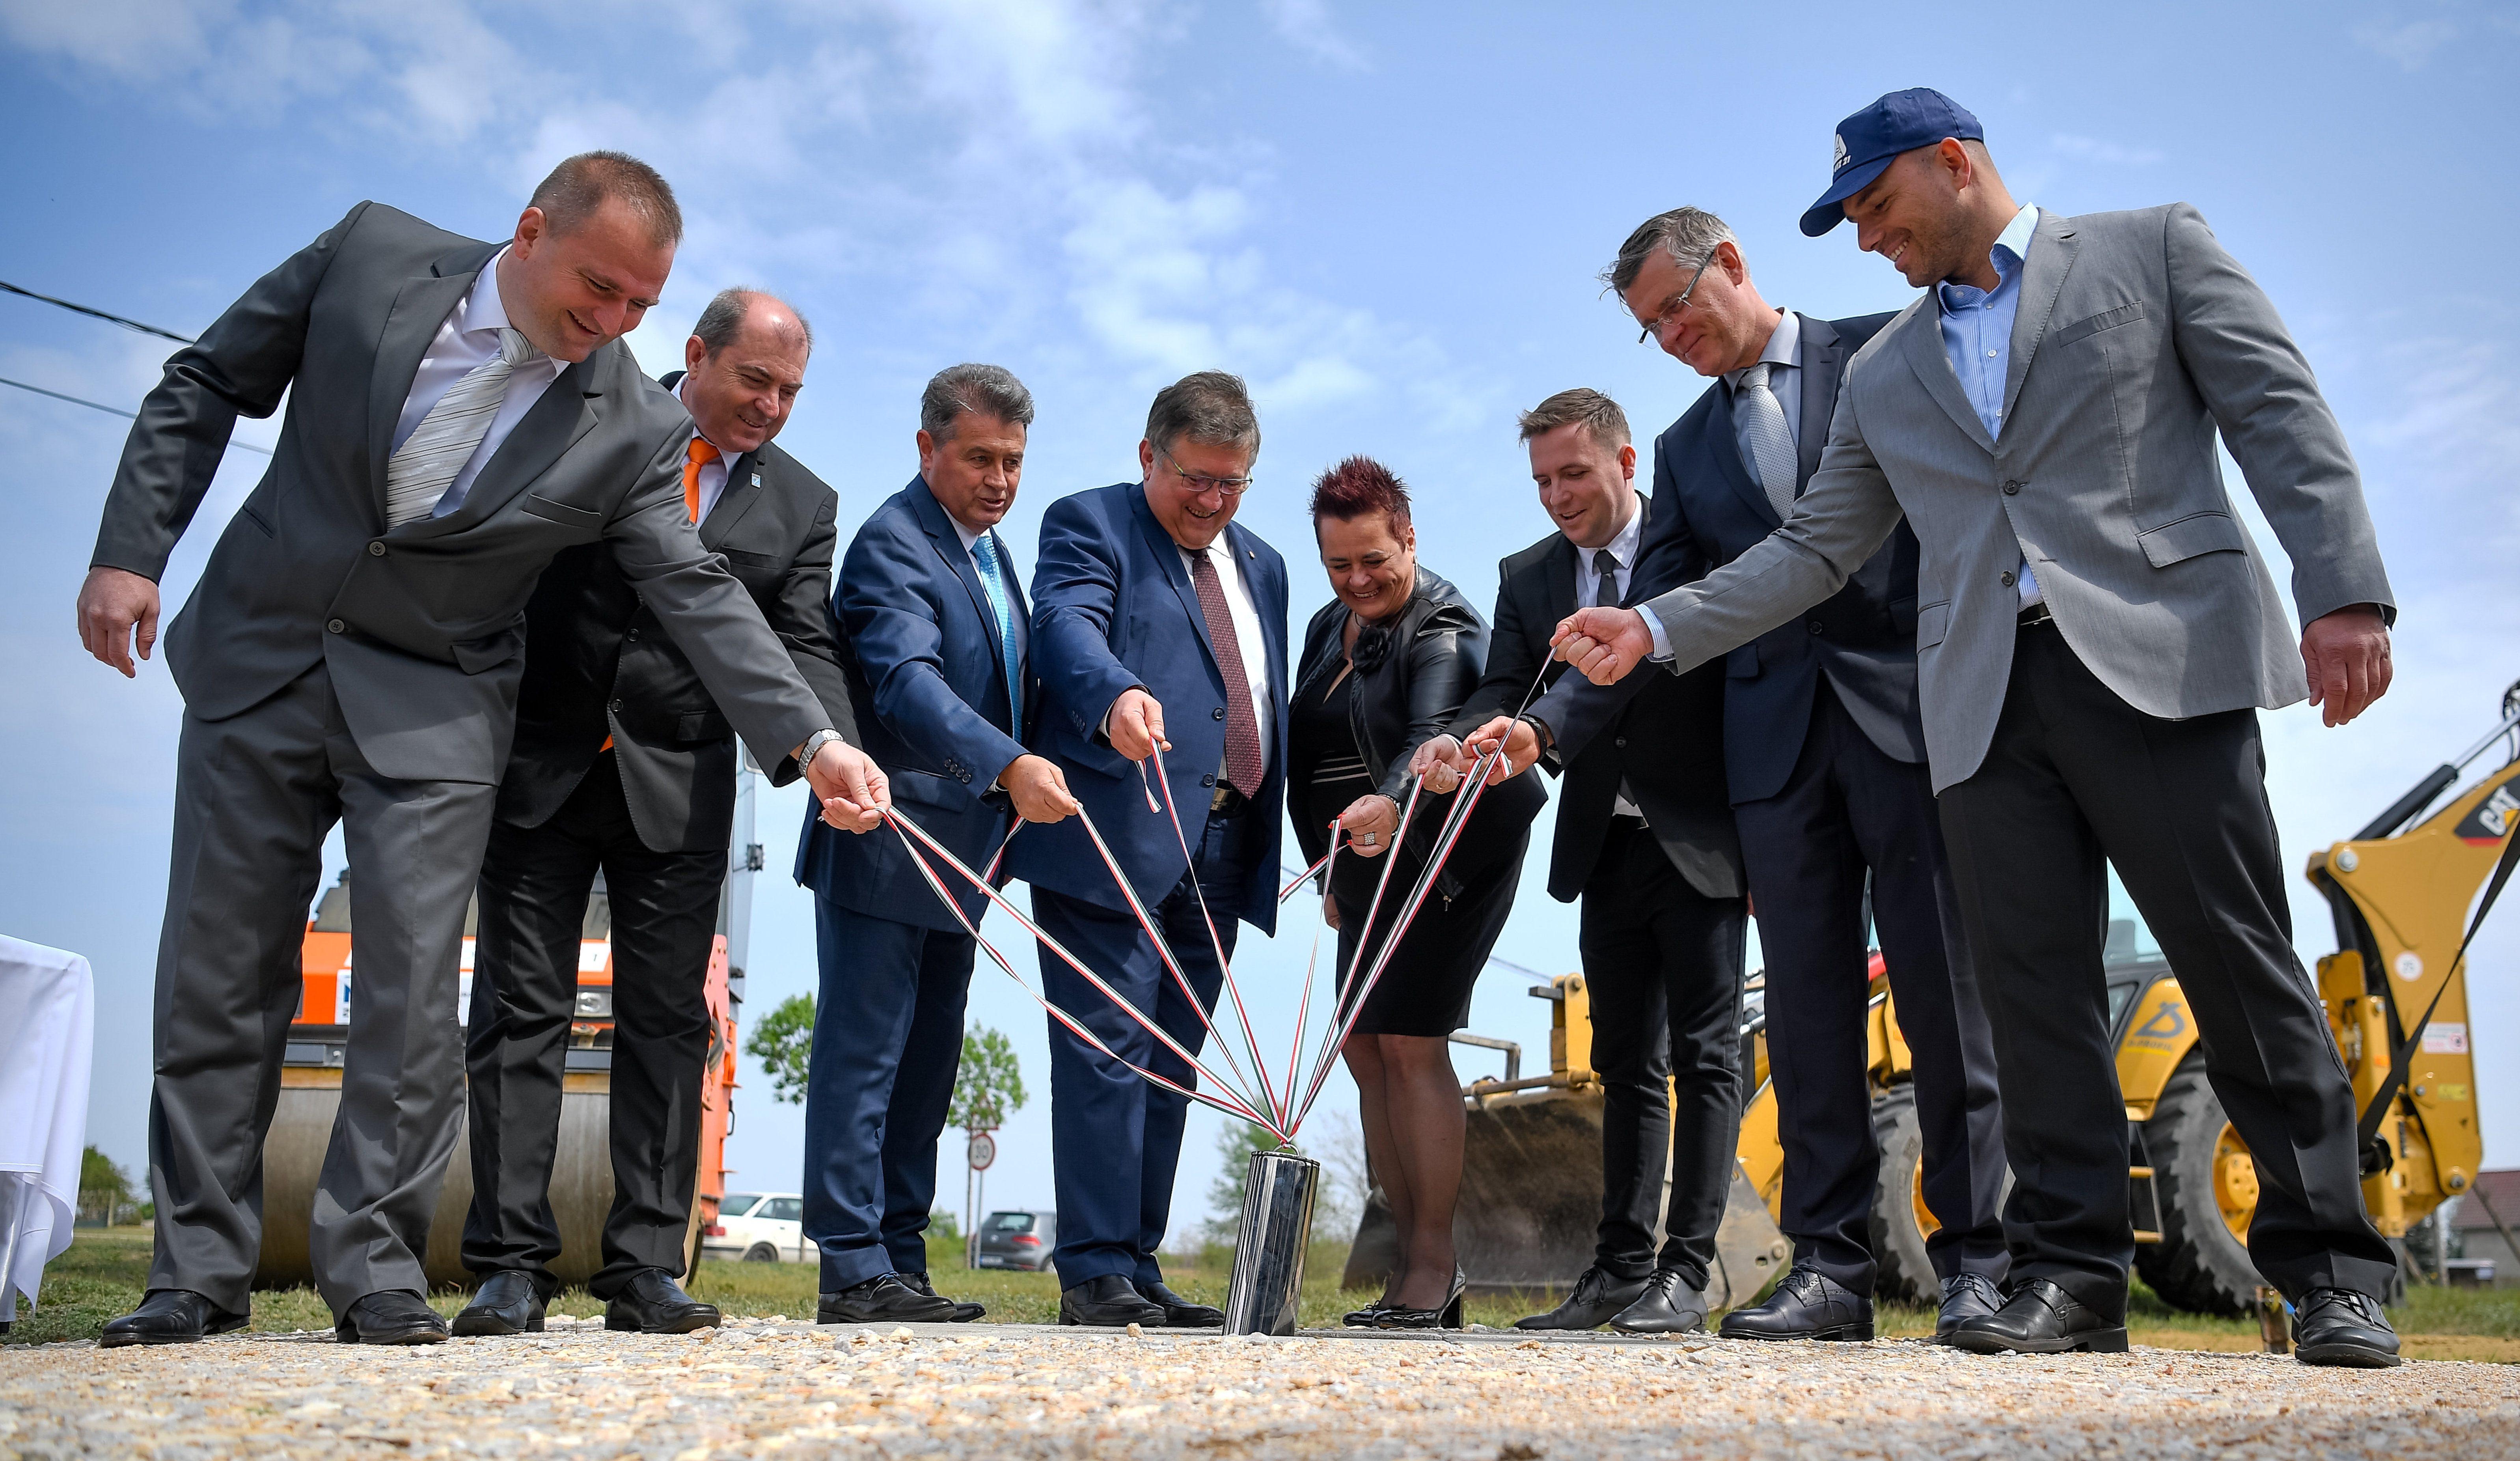 fidesz campaign